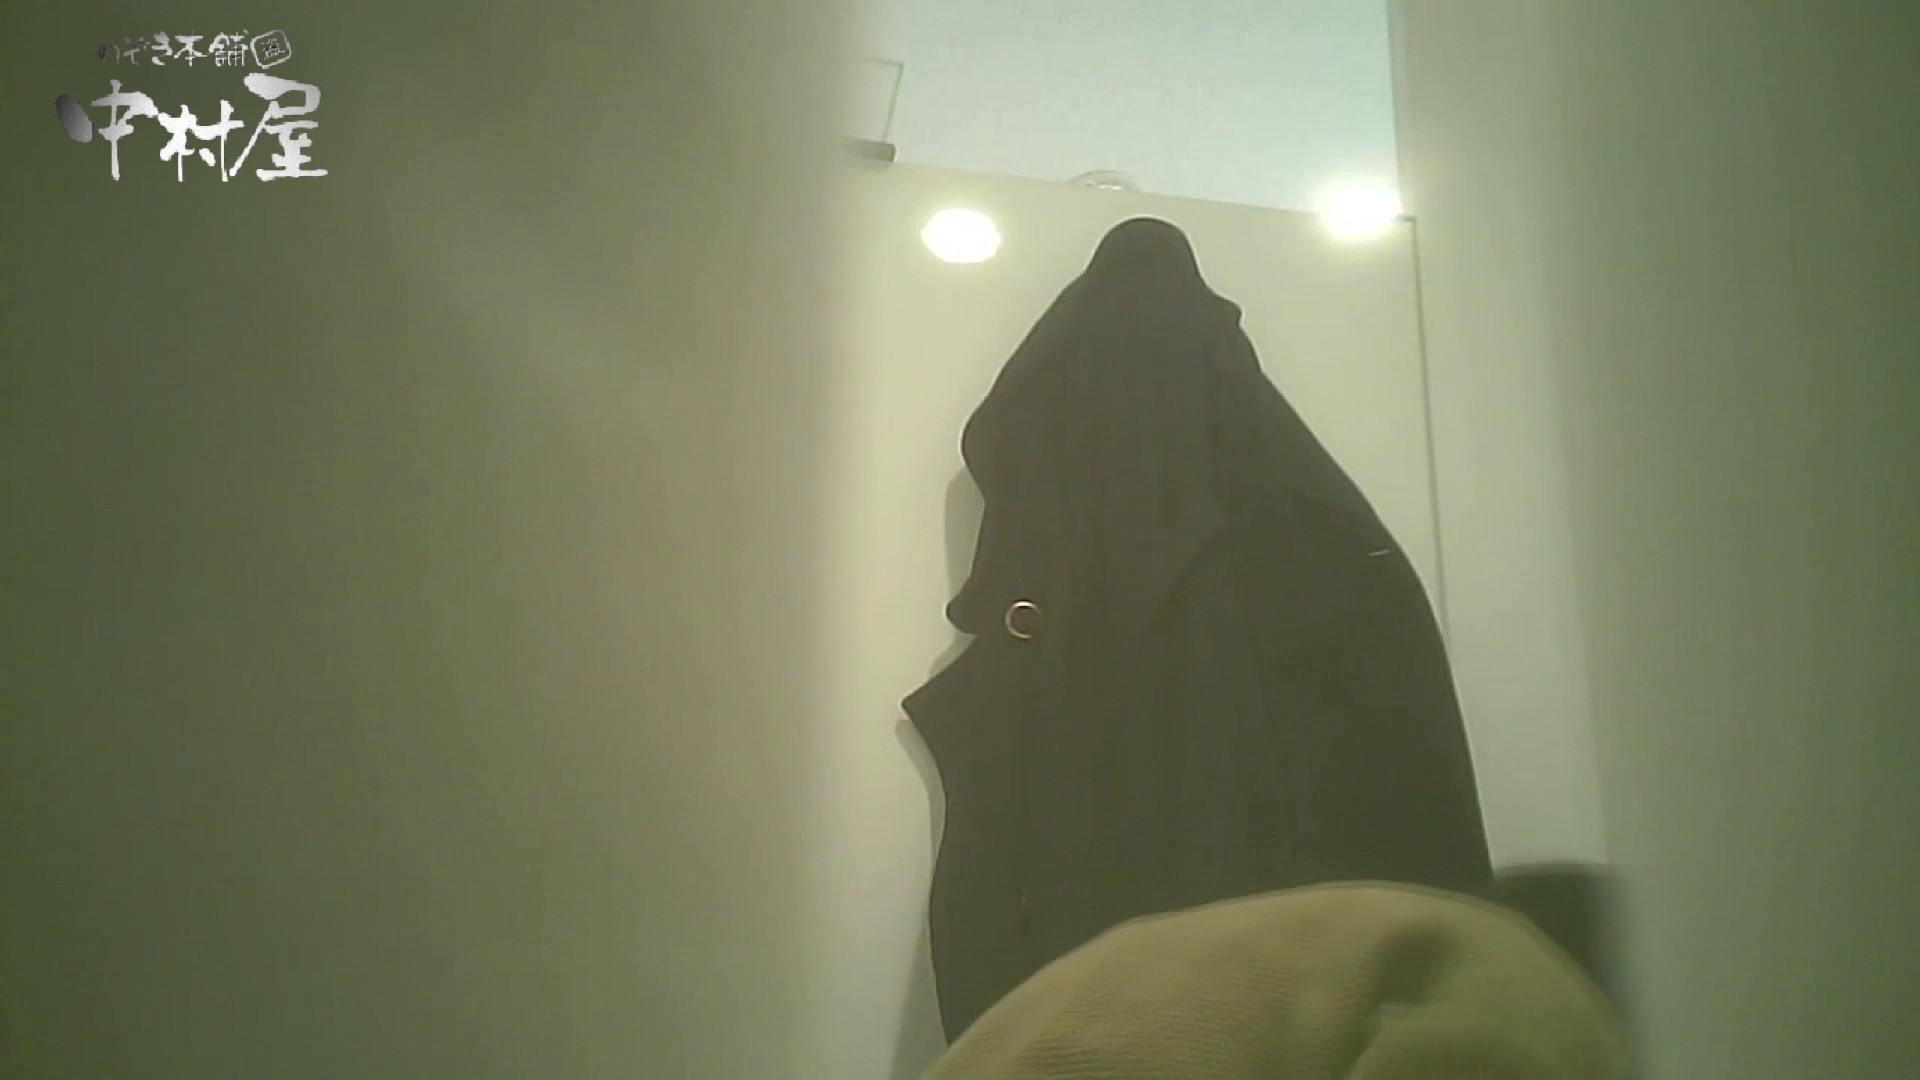 有名大学女性洗面所 vol.54 設置撮影最高峰!! 3視点でじっくり観察 和式トイレ SEX無修正画像 94pic 4